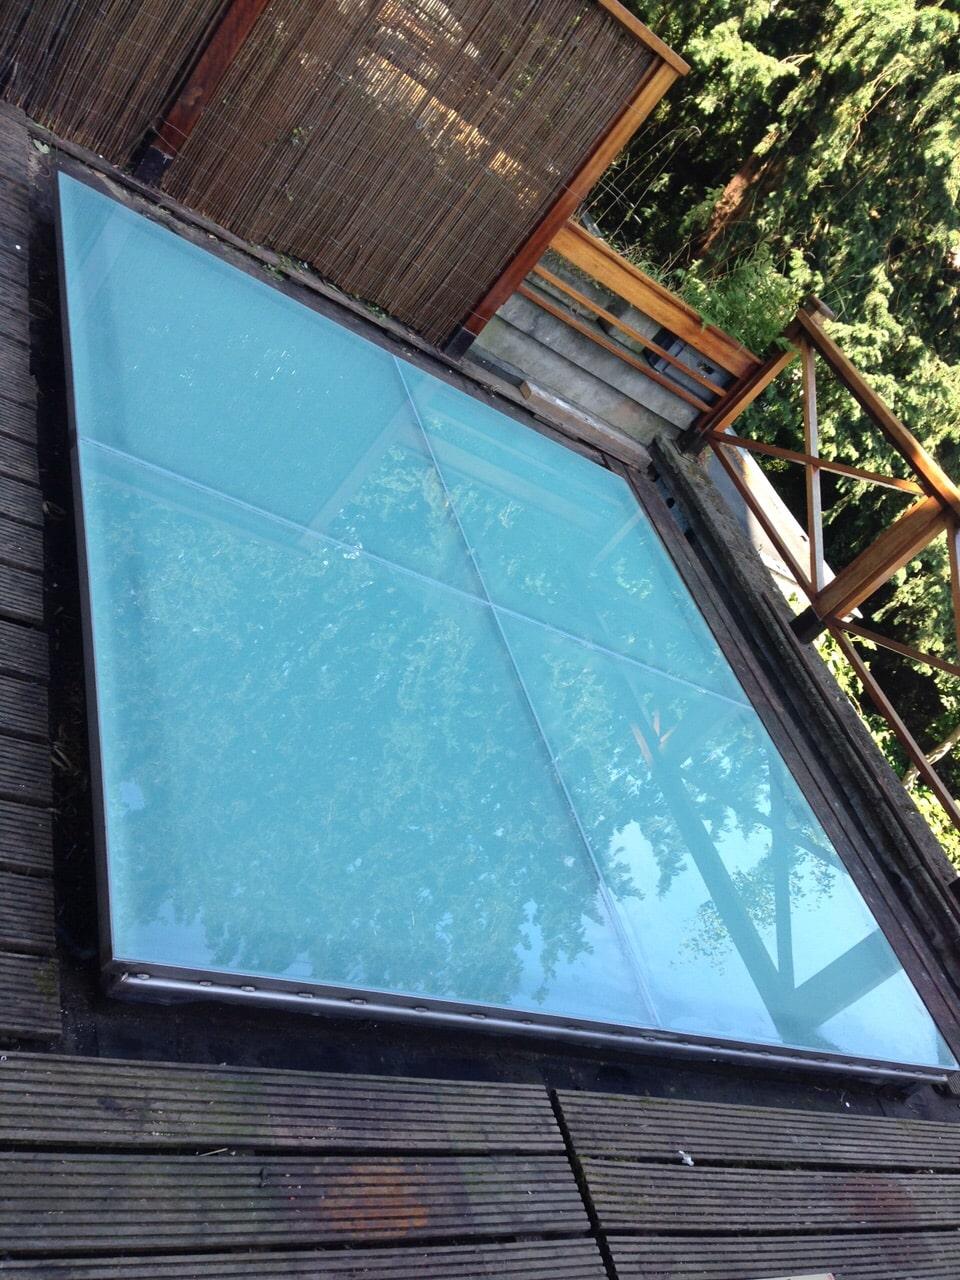 Beloopbaar glas in dakterras